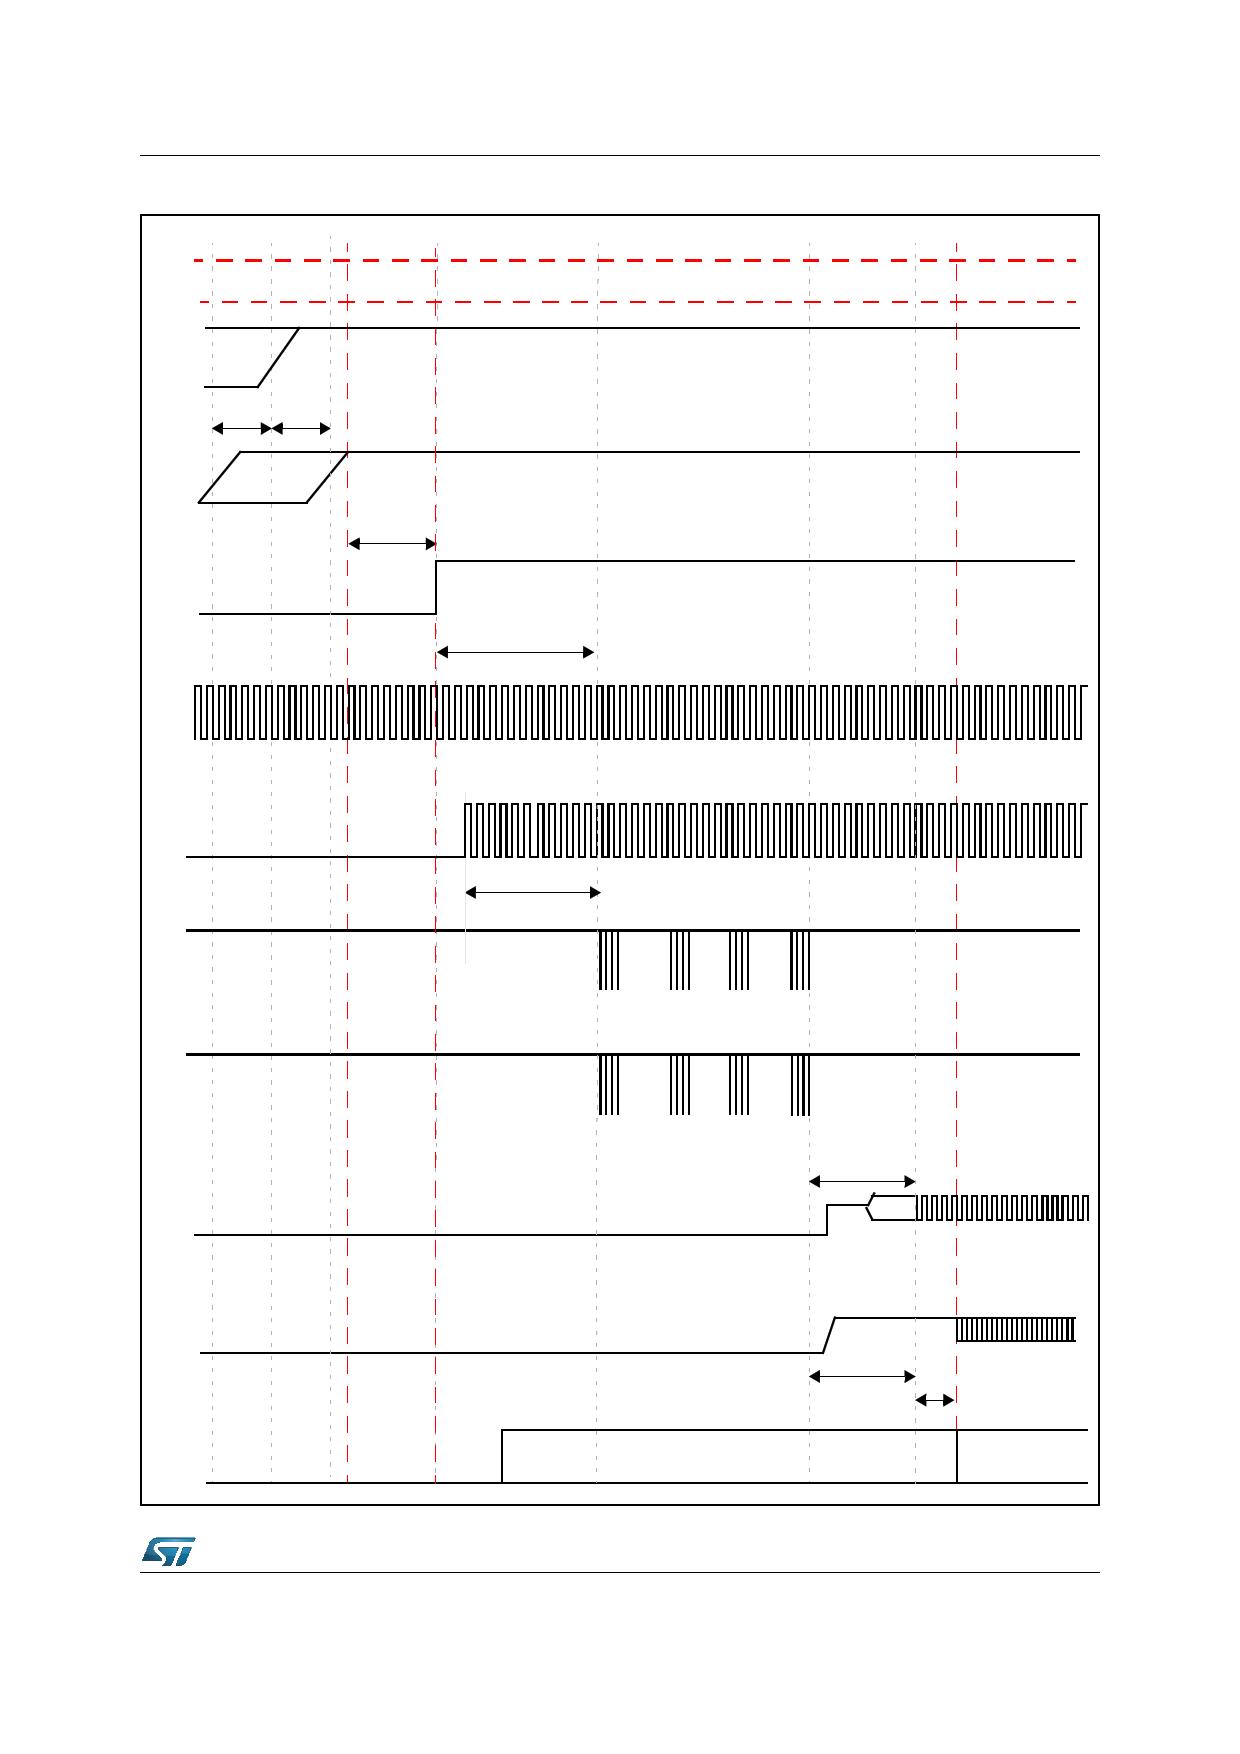 VX6953CB transistor, igbt